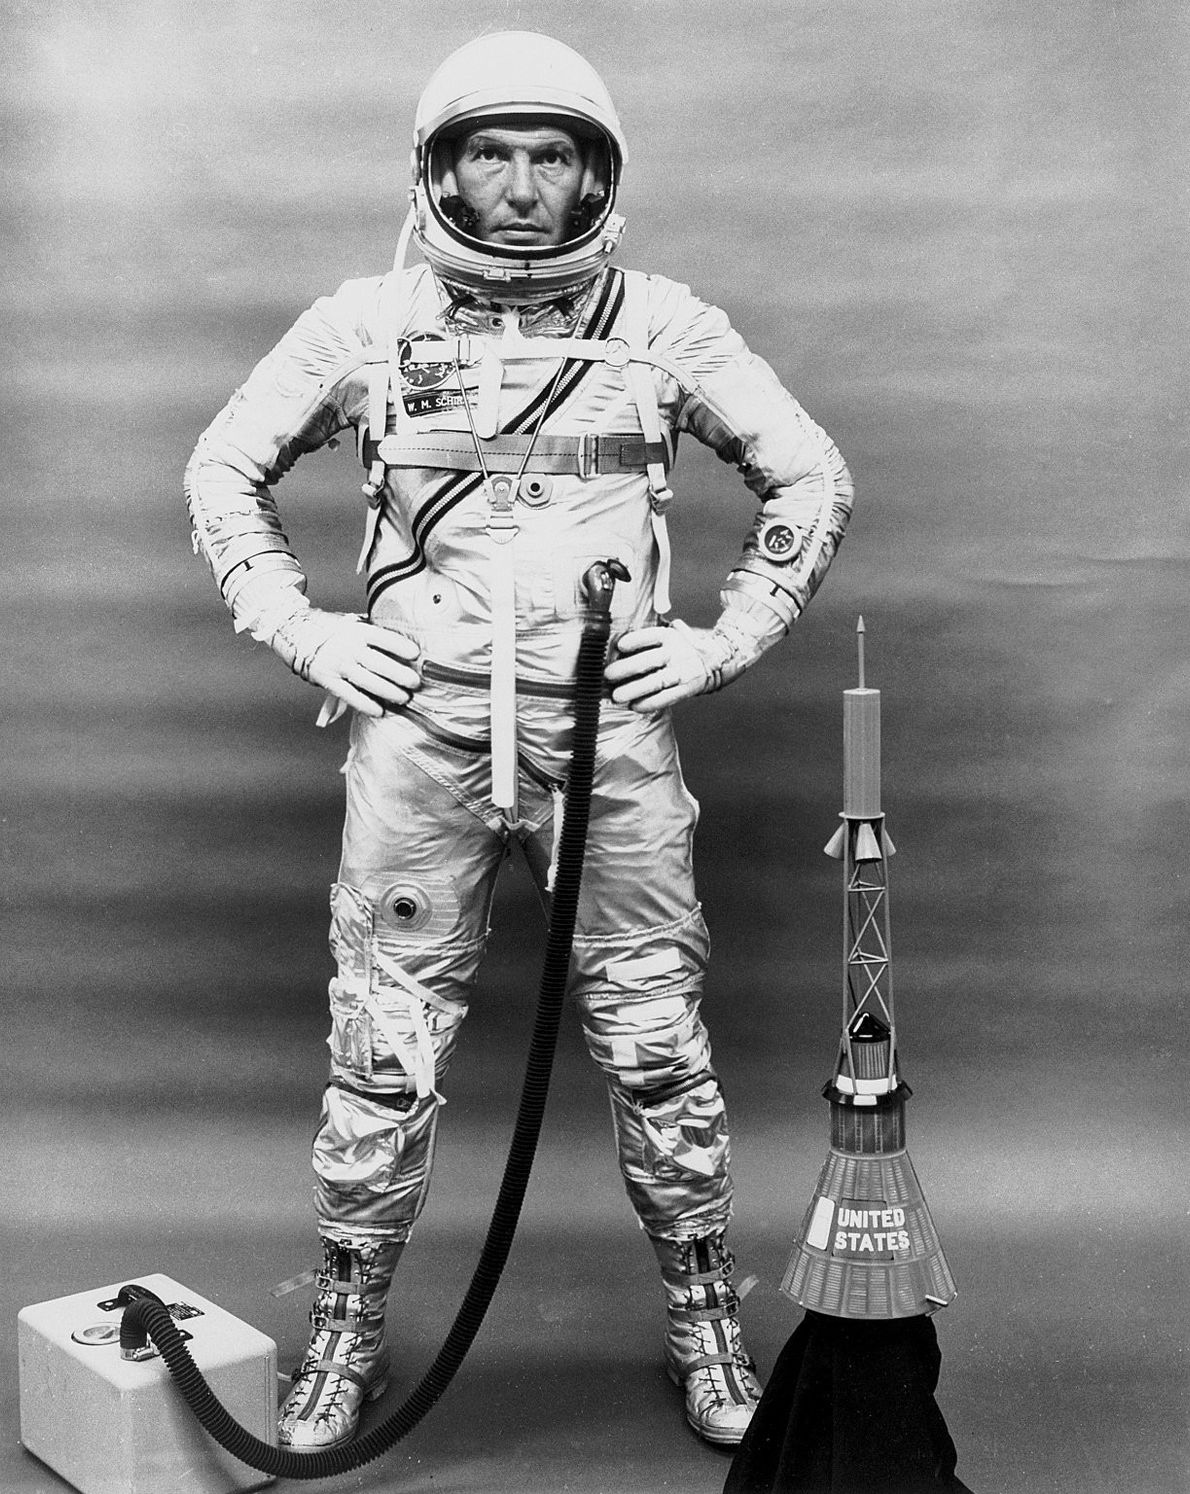 Wally Schirra posa com o seu fato, kit de oxigénio portátil e um modelo da cápsula ...